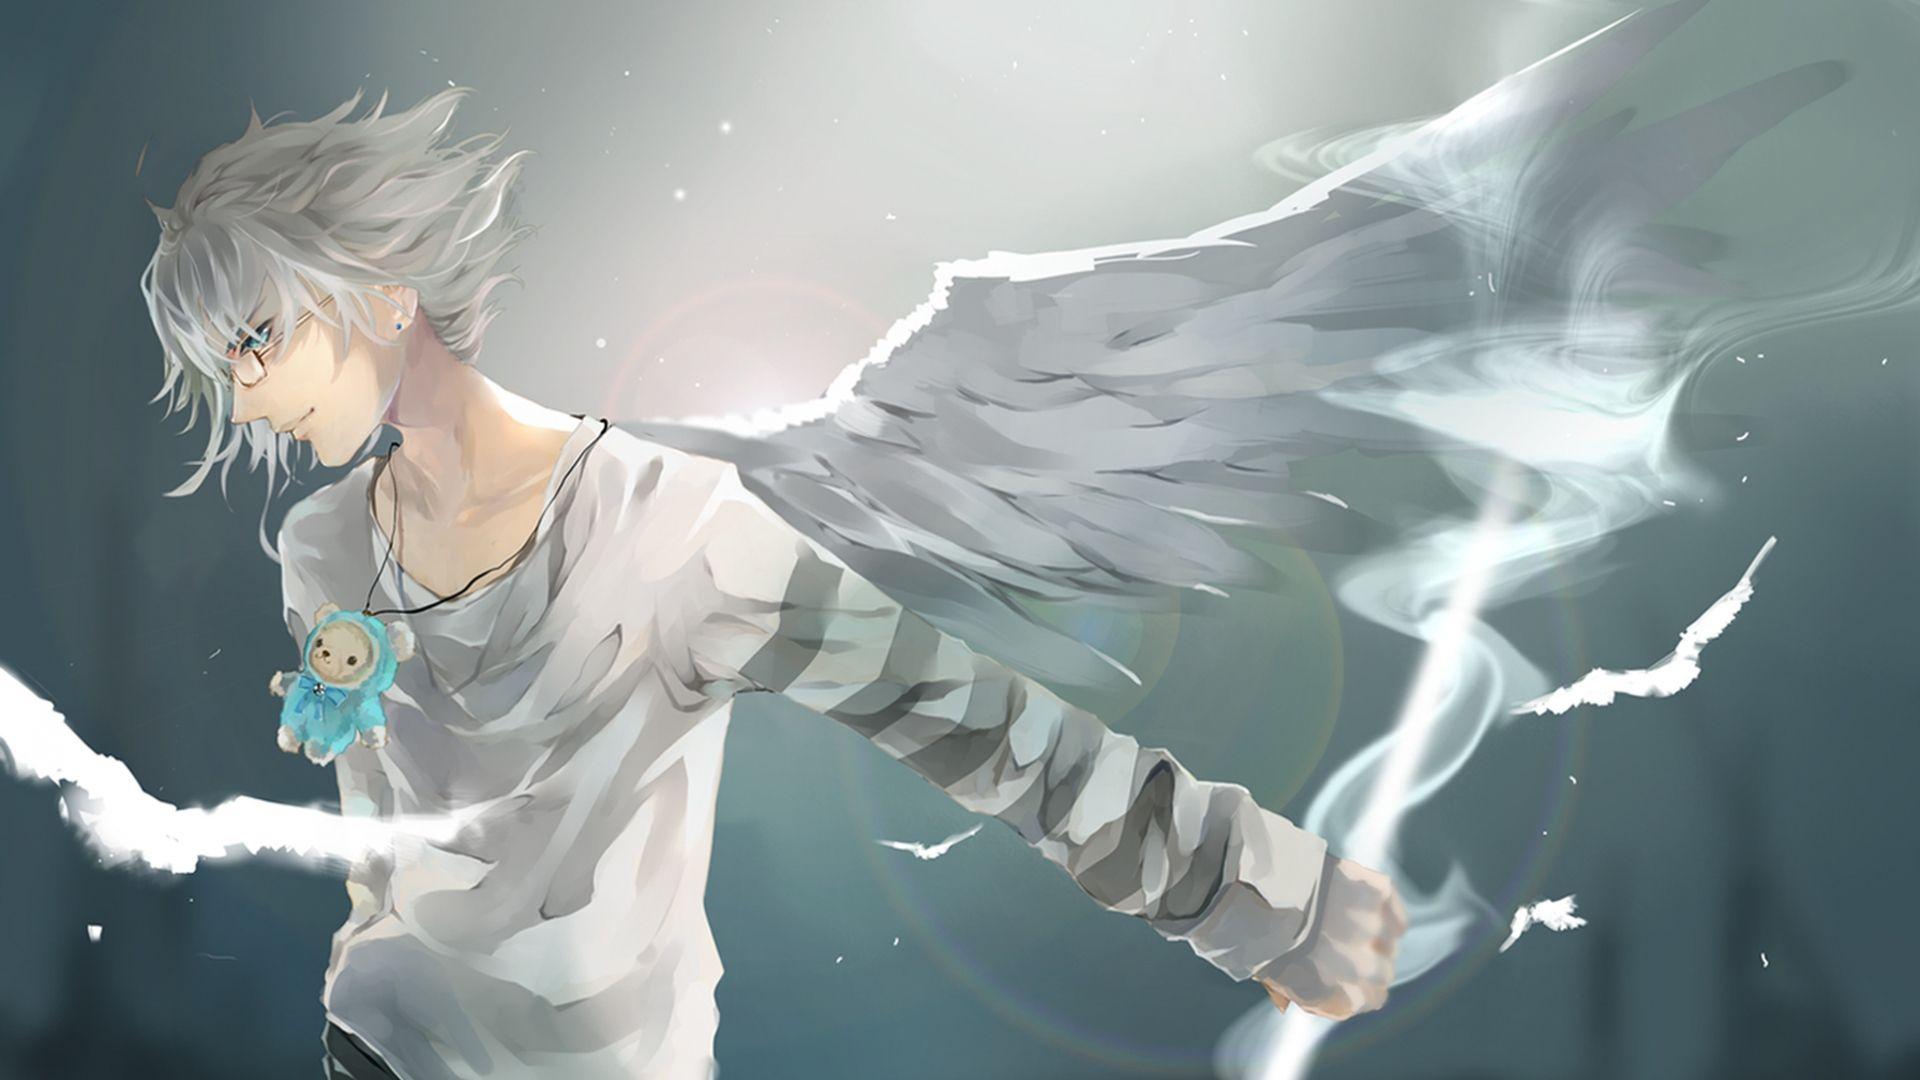 Download Wallpaper 1920x1080 Anime, Boy, Wings, Art Full